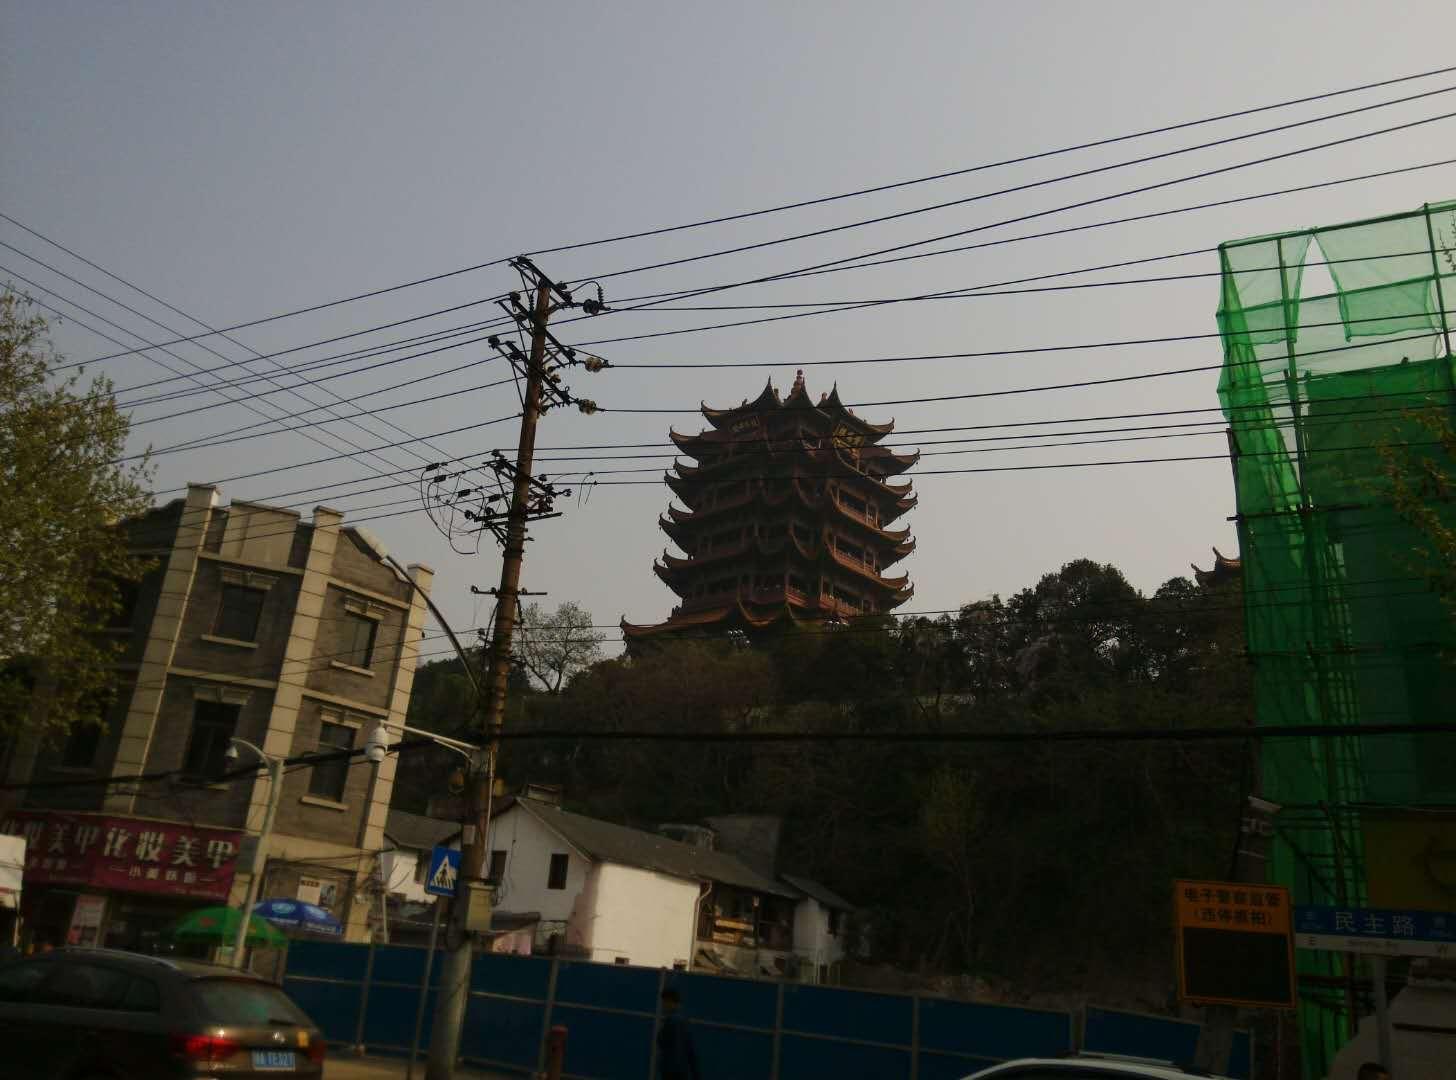 周末转一转, 看看黄鹤楼,和长江开一次亲密的接触